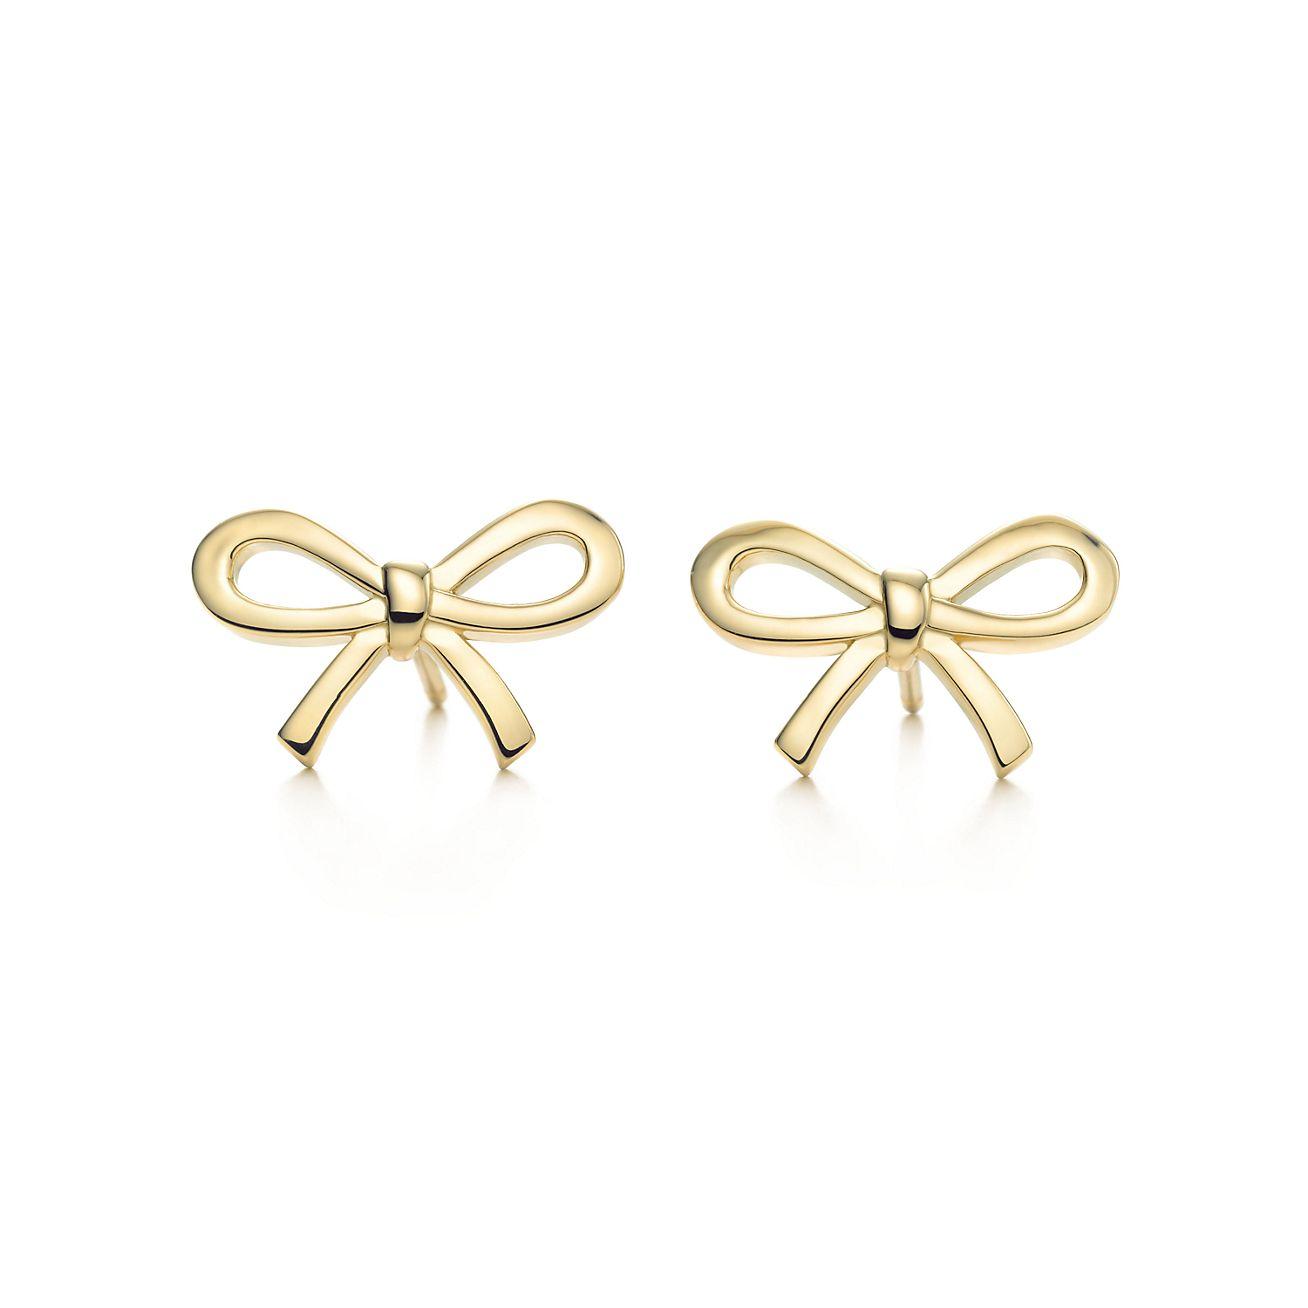 Tiffany Bow earrings in 18k gold.